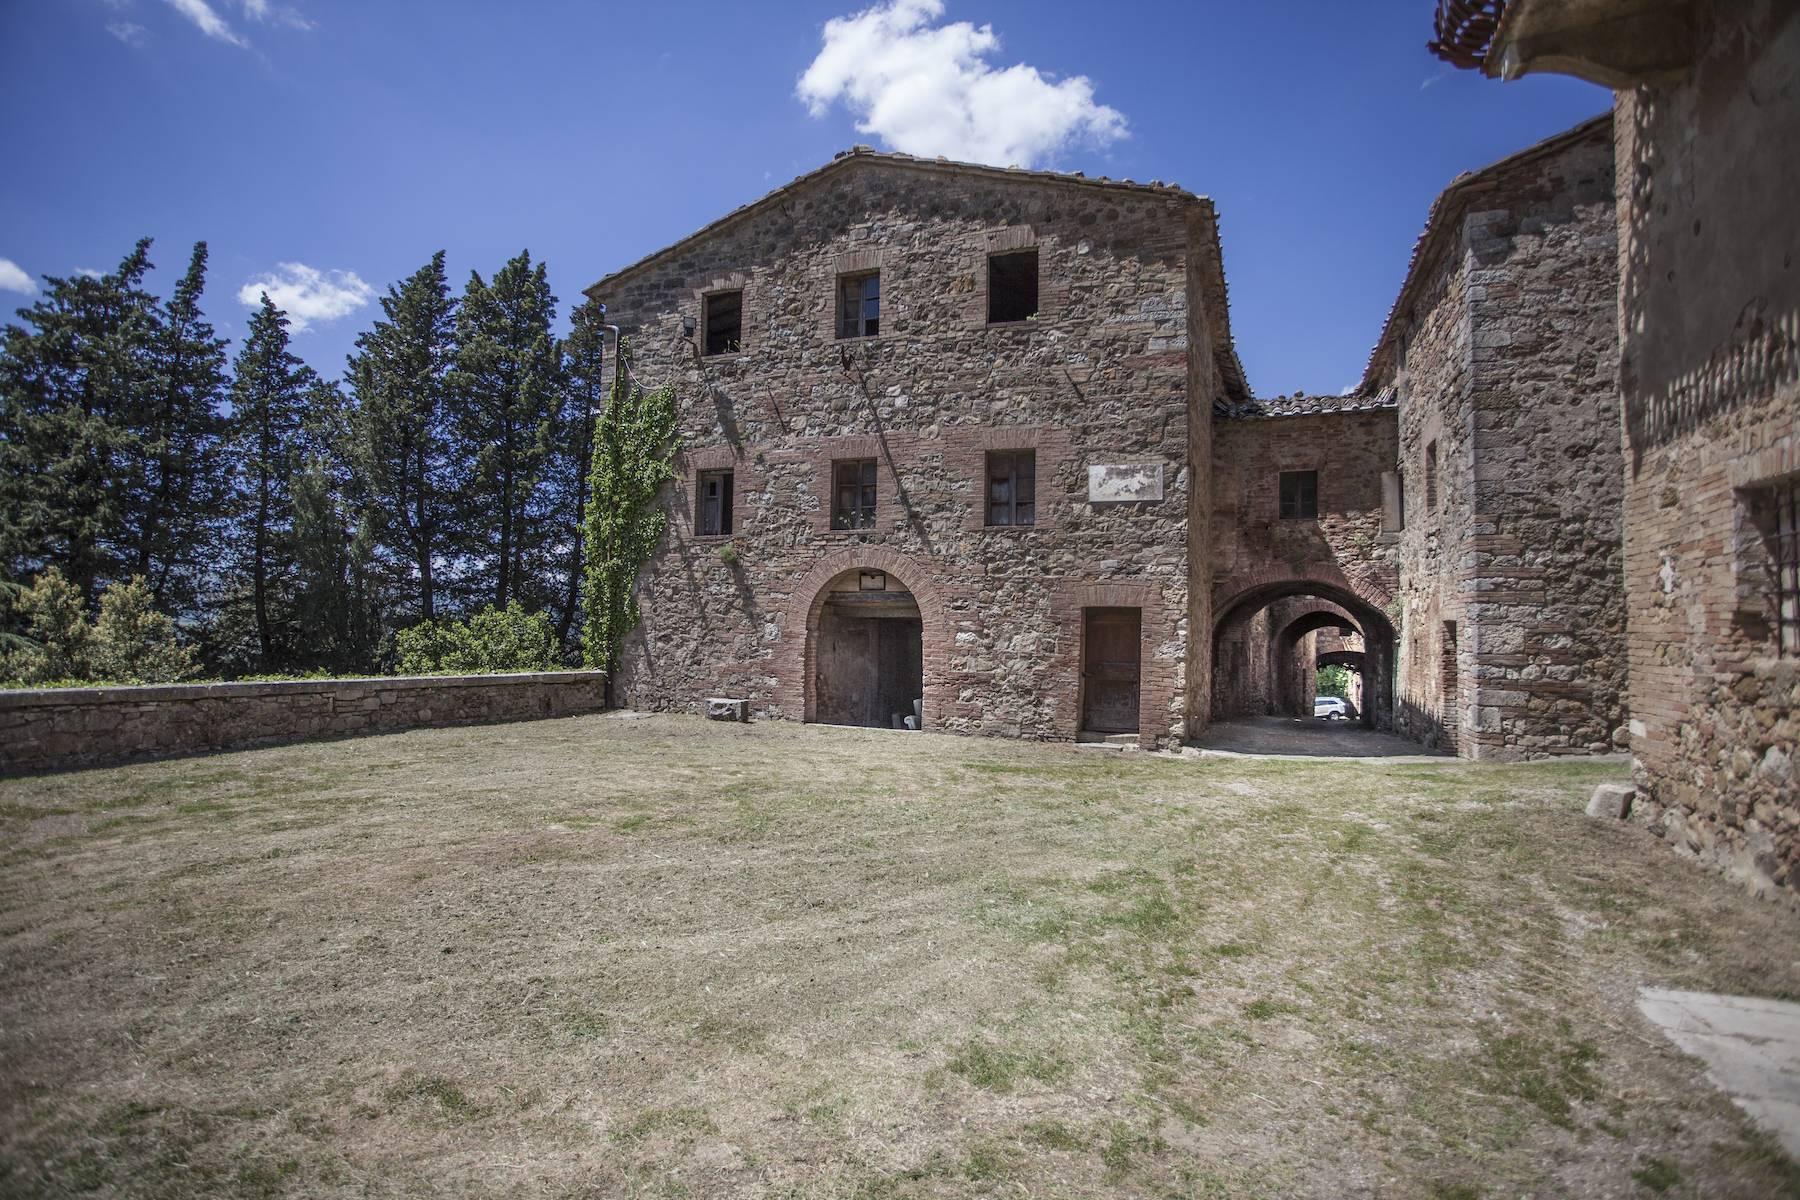 Incroyable château et hameau du 12ème siècle dans la campagne de Sienne - 3